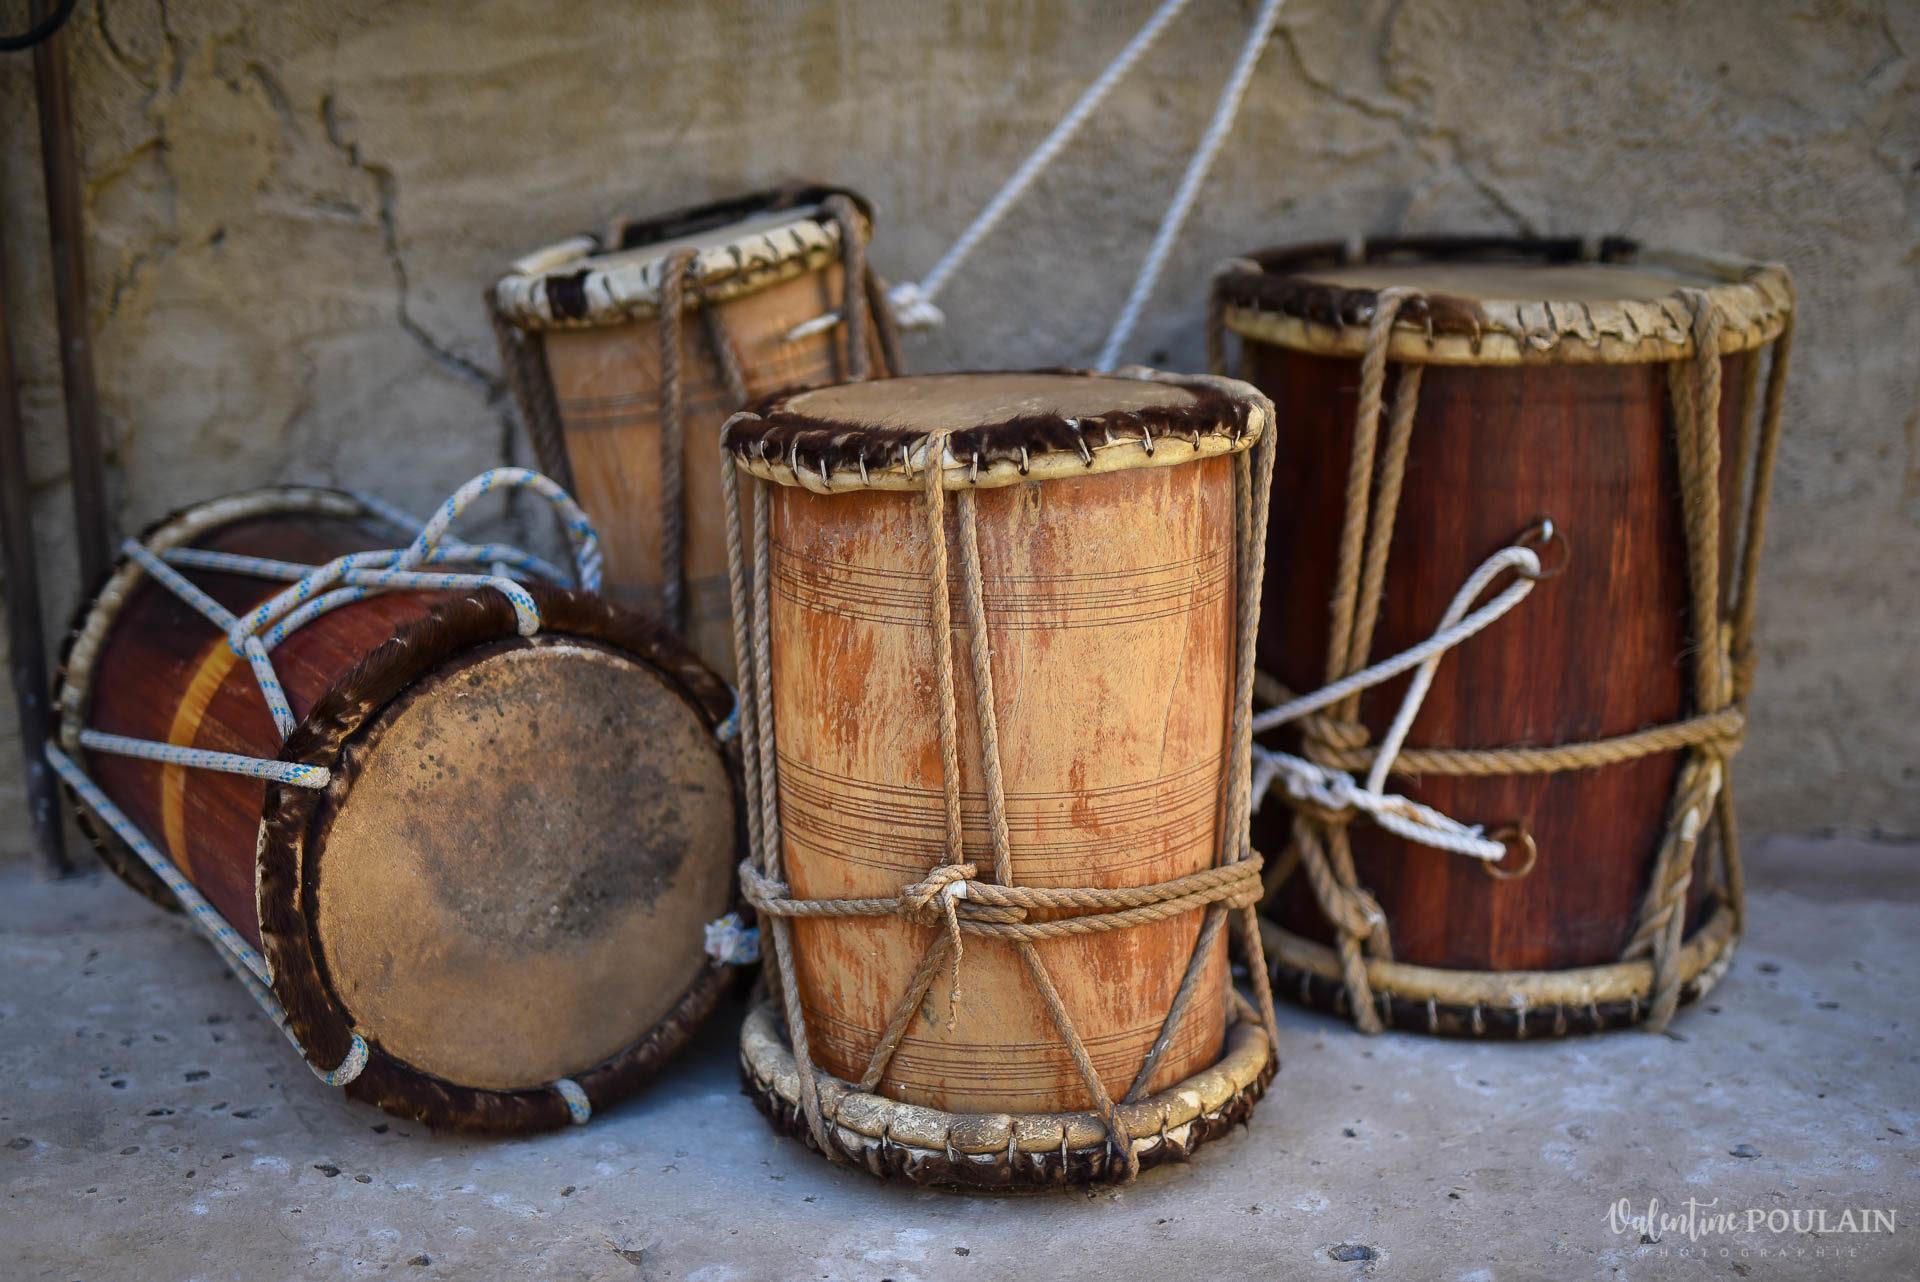 Dubaï Valentine Poulain tambours